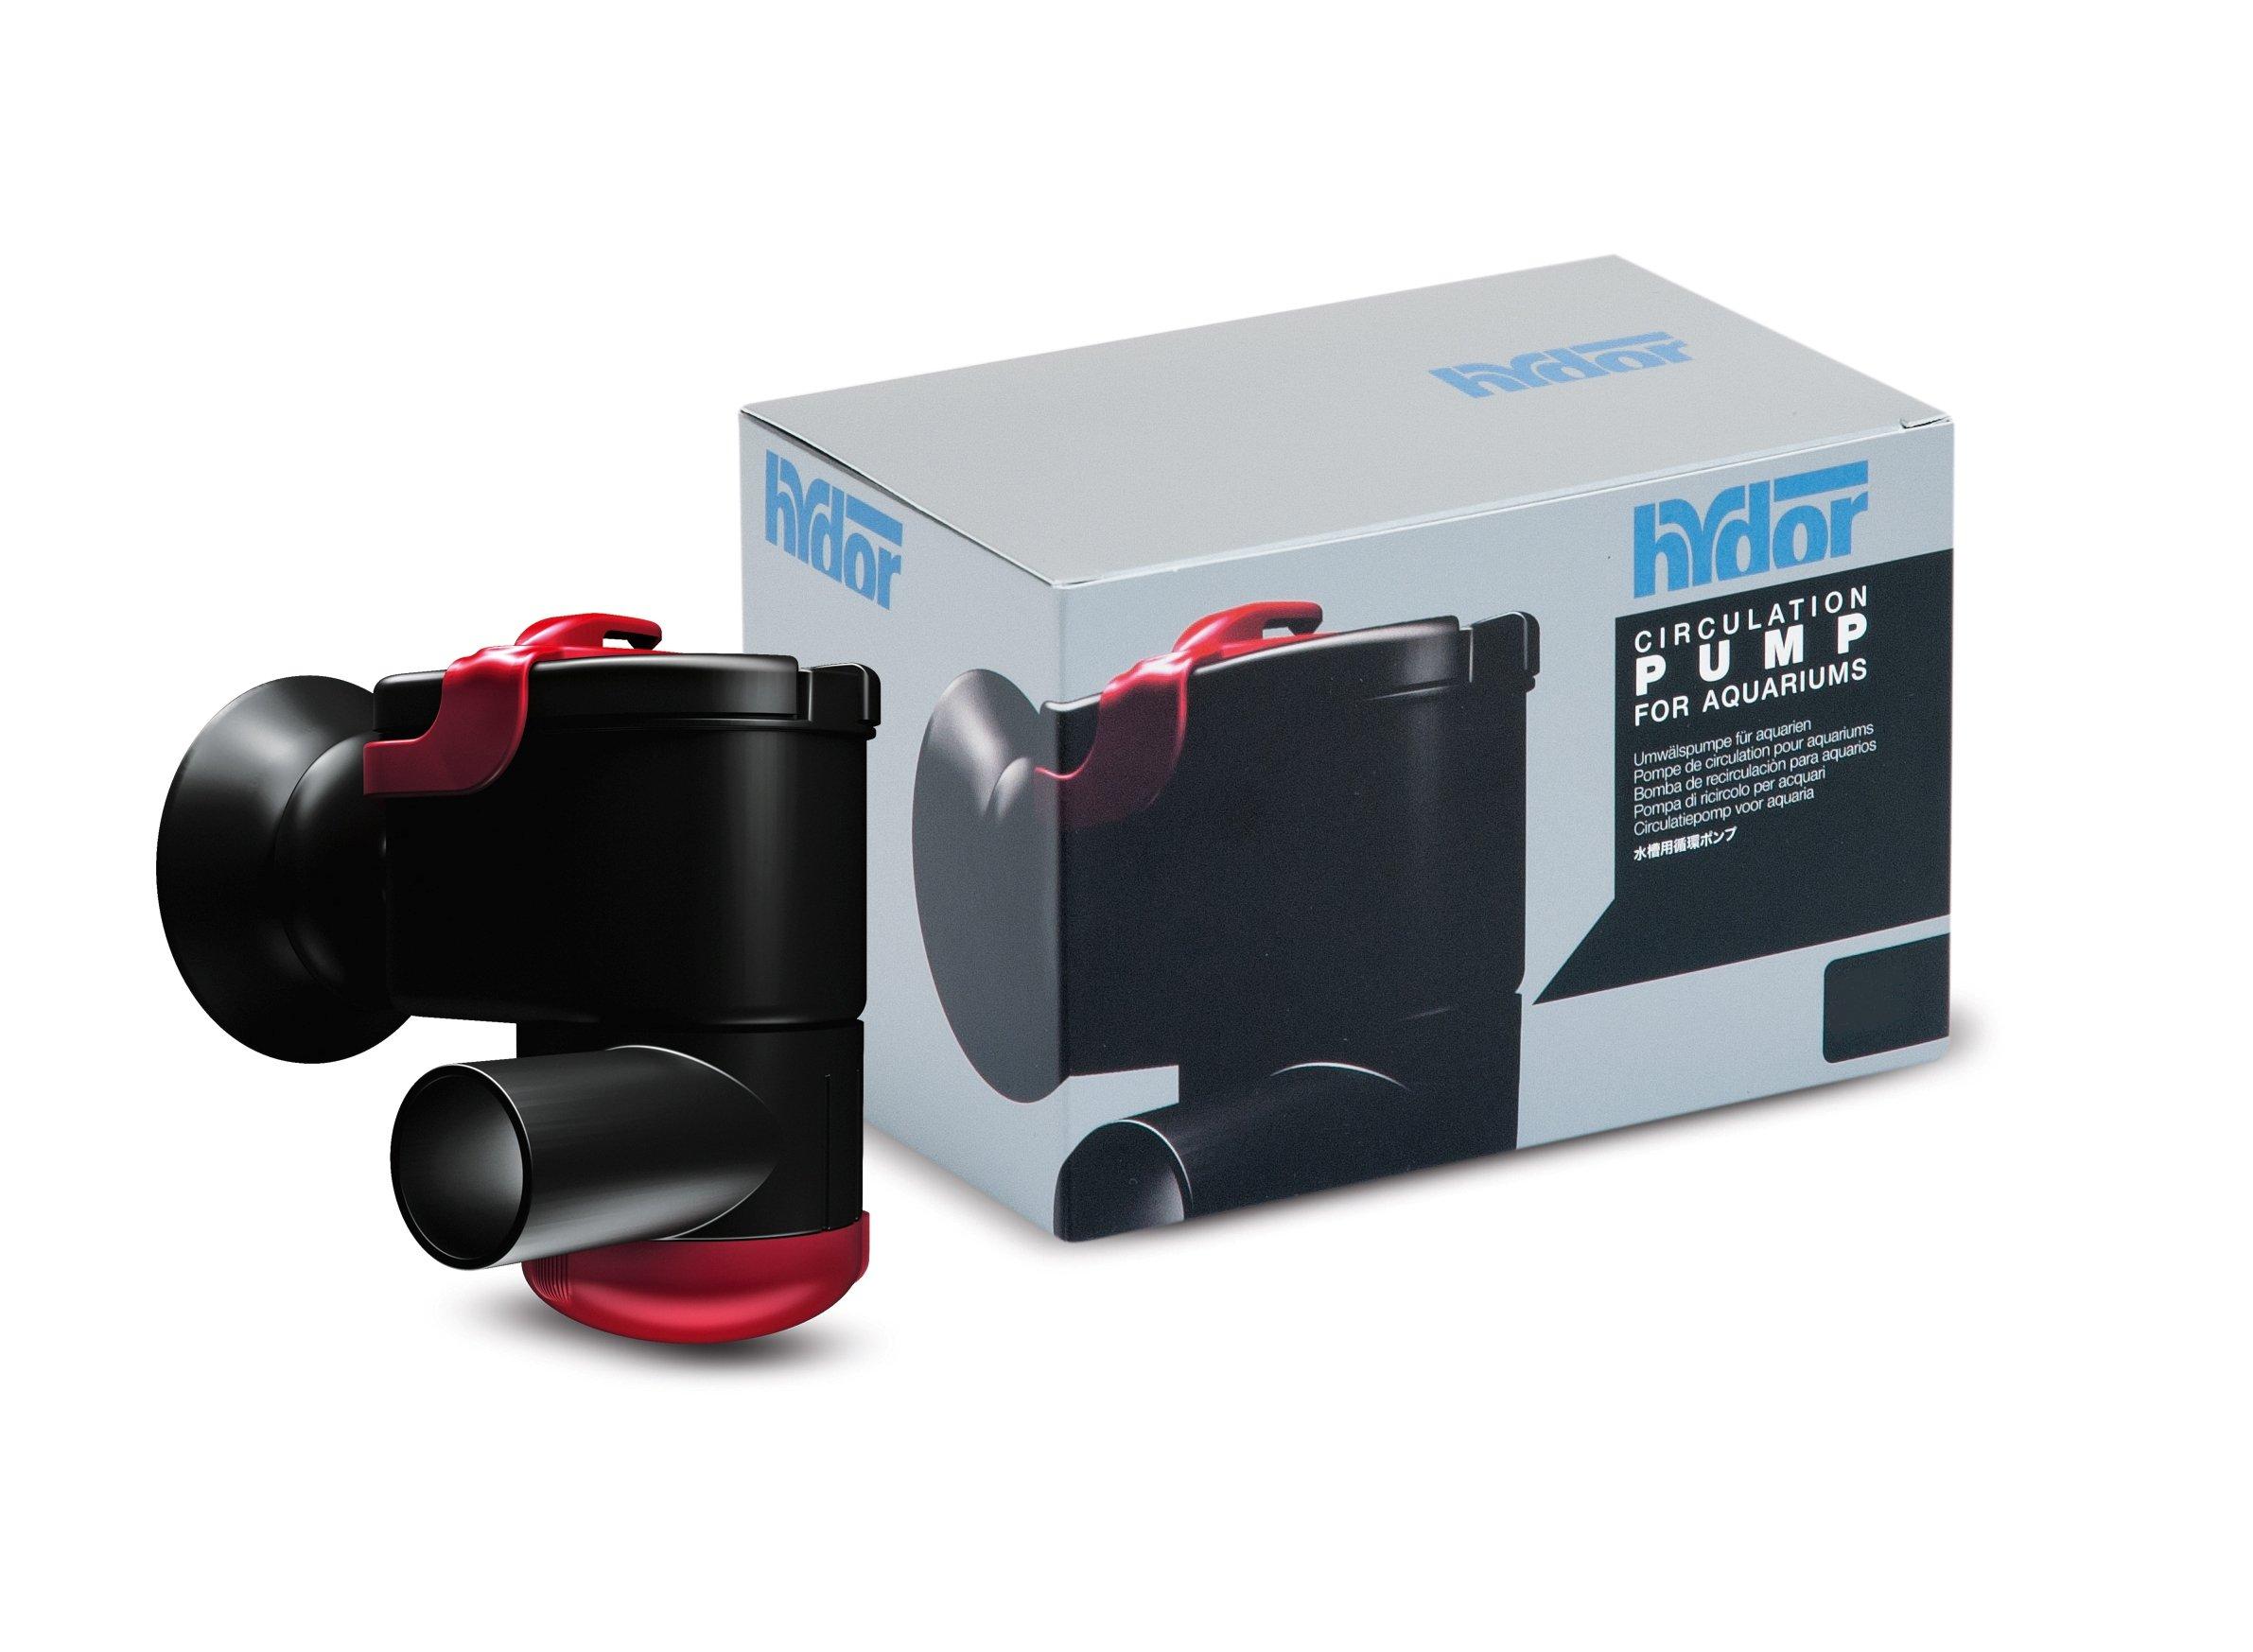 Hydor Pico Evo-Mag 180 Circulation Pump with Magnet Mount, 180 GPH by Hydor